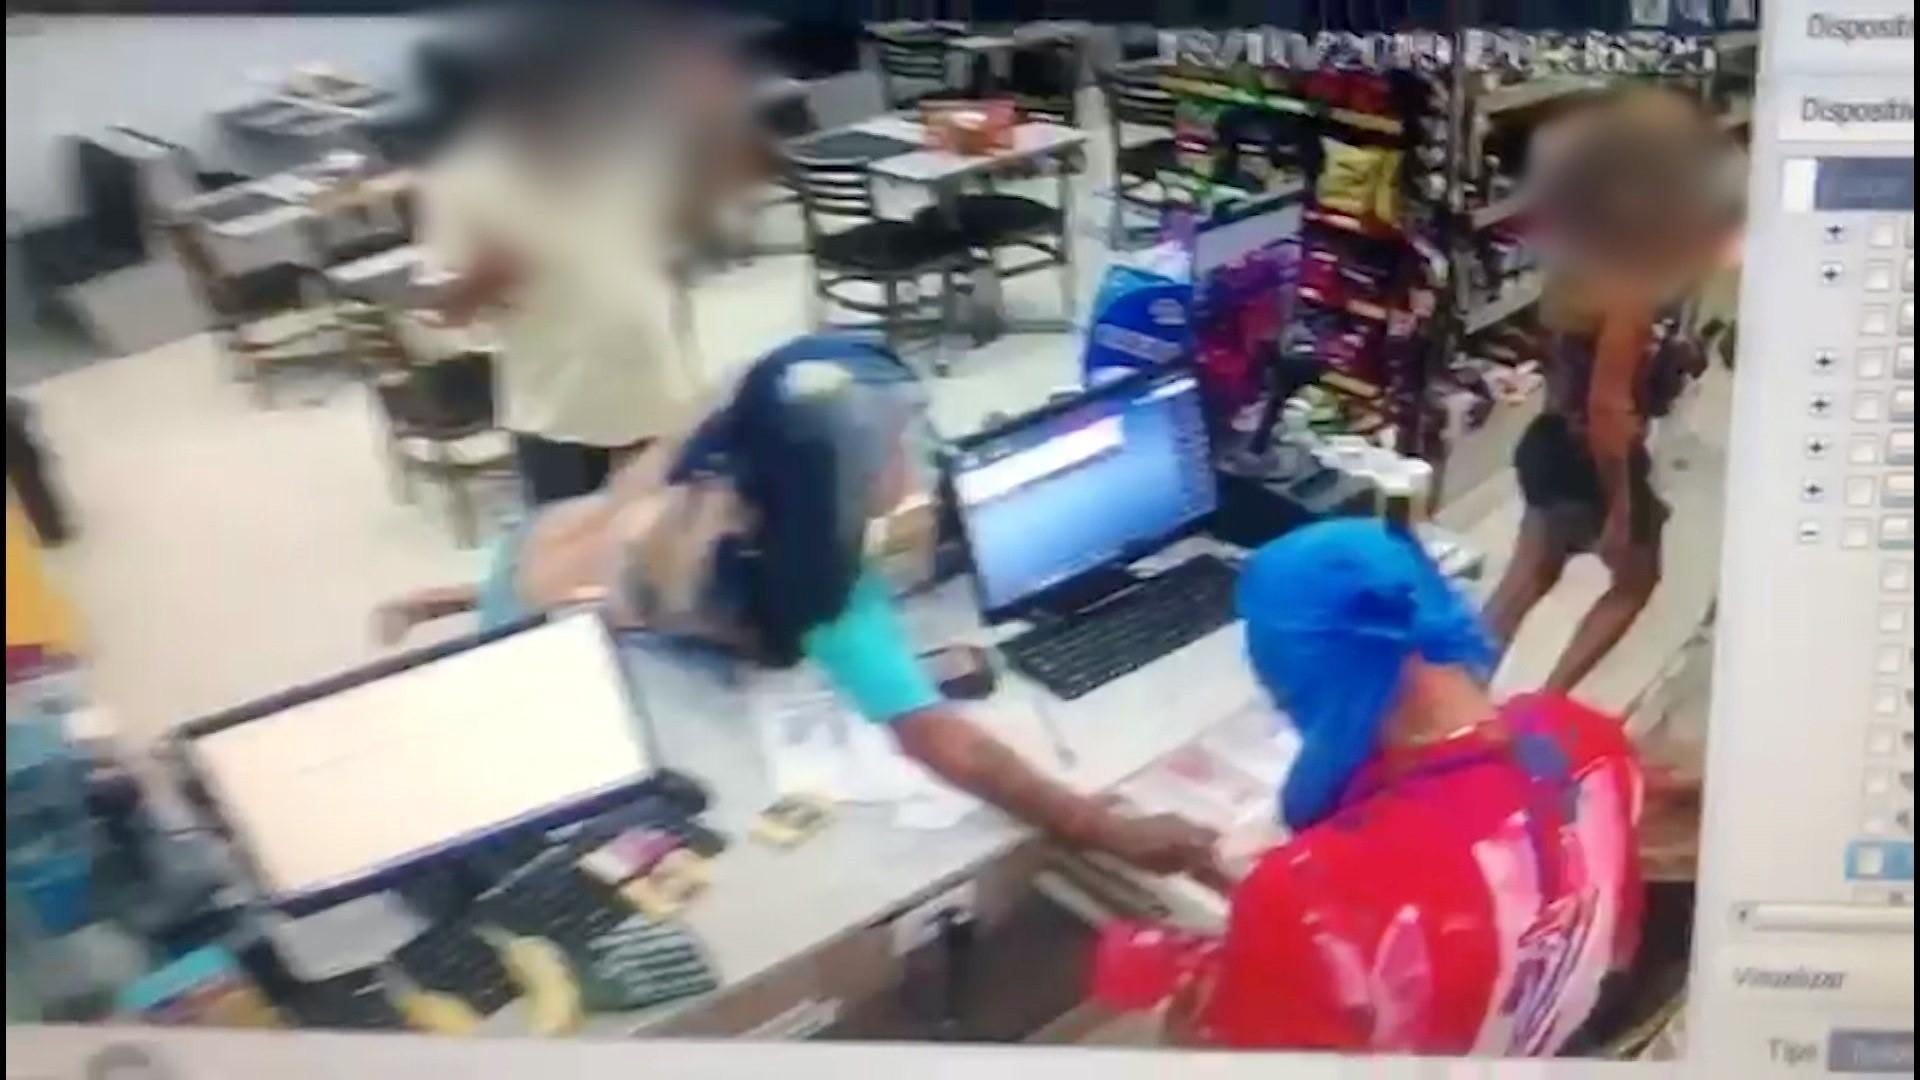 Câmera flagra assalto a padaria em São José dos Campos; veja vídeo - Notícias - Plantão Diário